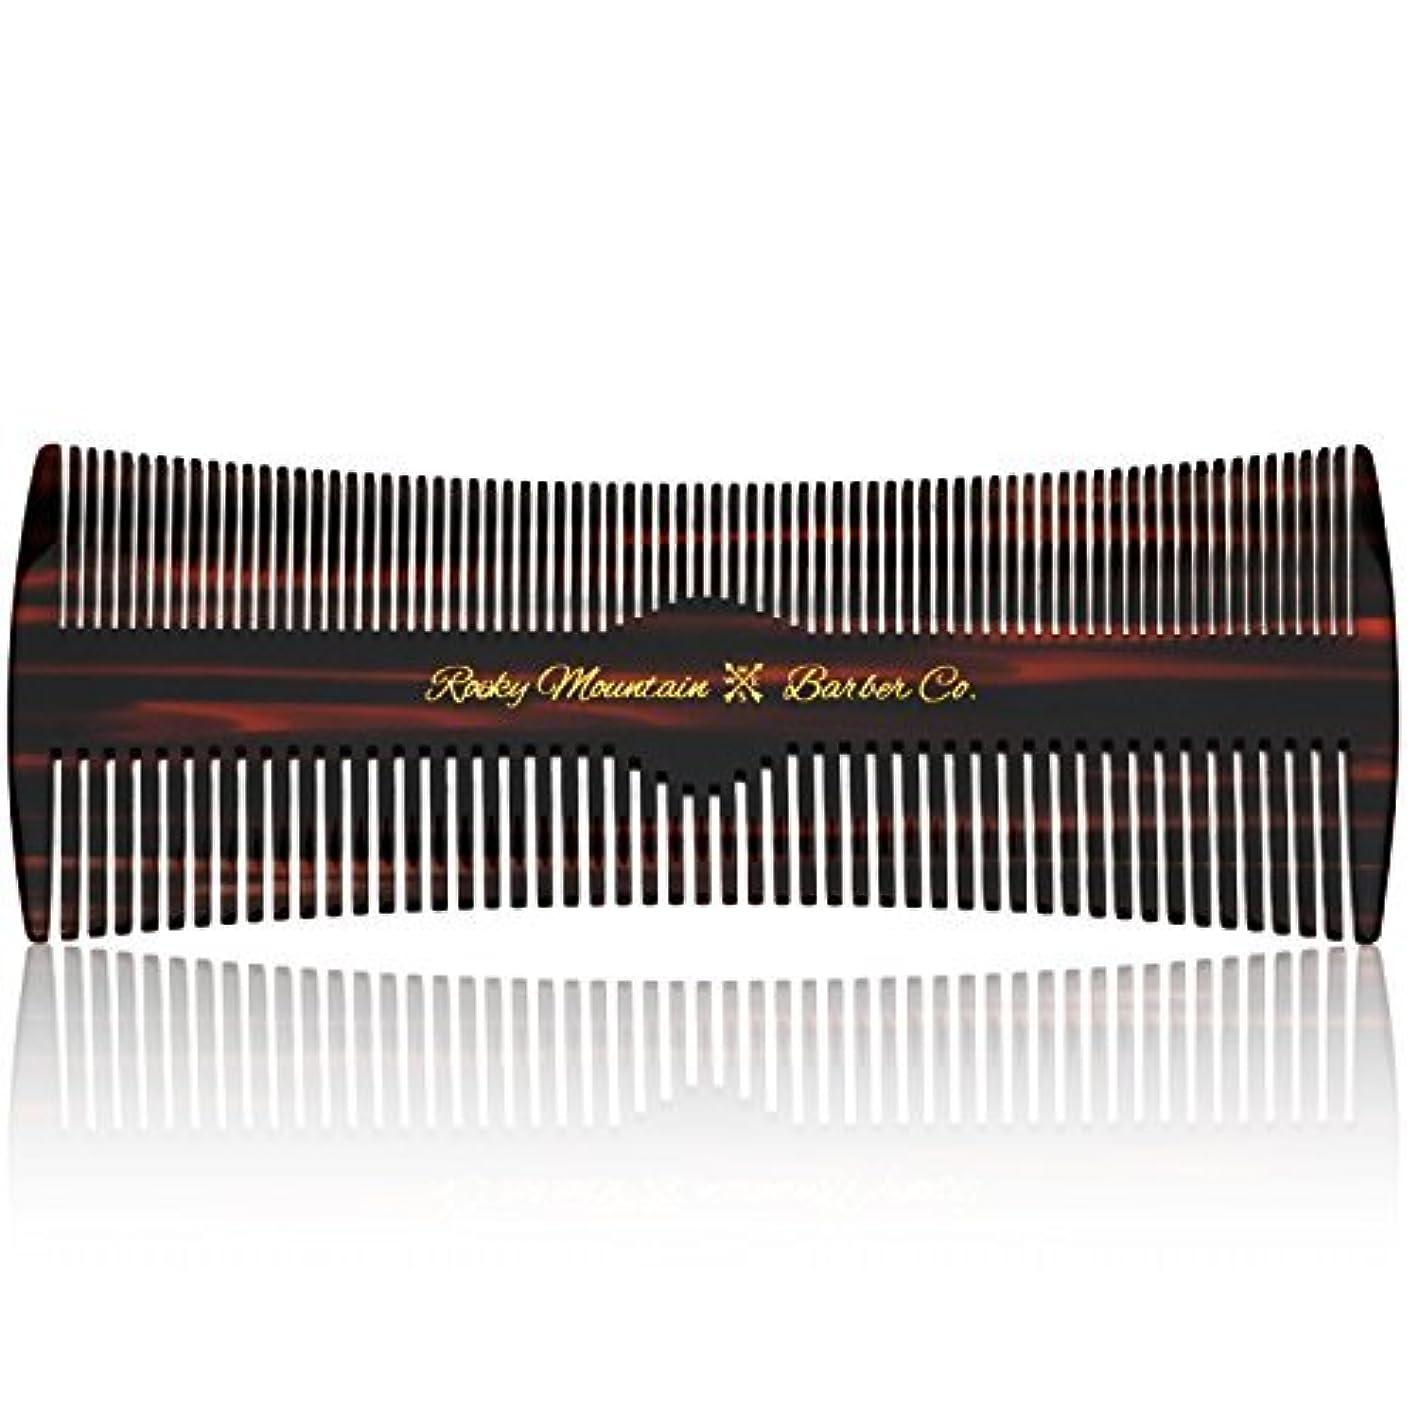 称賛消費者十Hair Comb - Fine and Medium Tooth Comb for Head Hair, Beard, Mustache - Warp Resistant, No Snag Design with Contour...